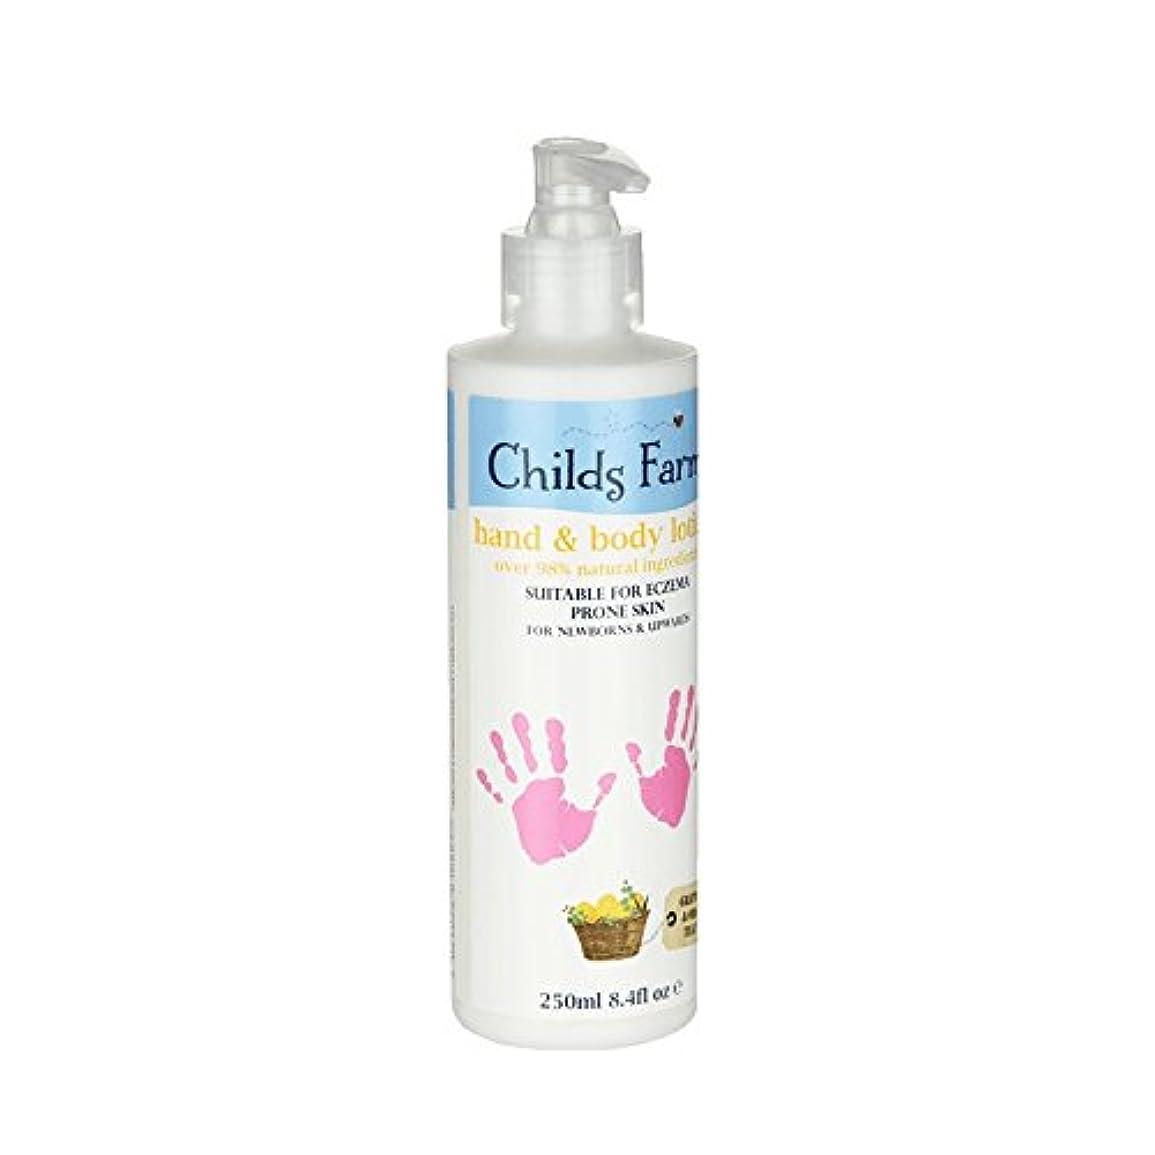 飾り羽人物形状絹のような肌の250ミリリットルのためのチャイルズファームハンド&ボディローション - Childs Farm Hand & Body Lotion for Silky Skin 250ml (Childs Farm)...